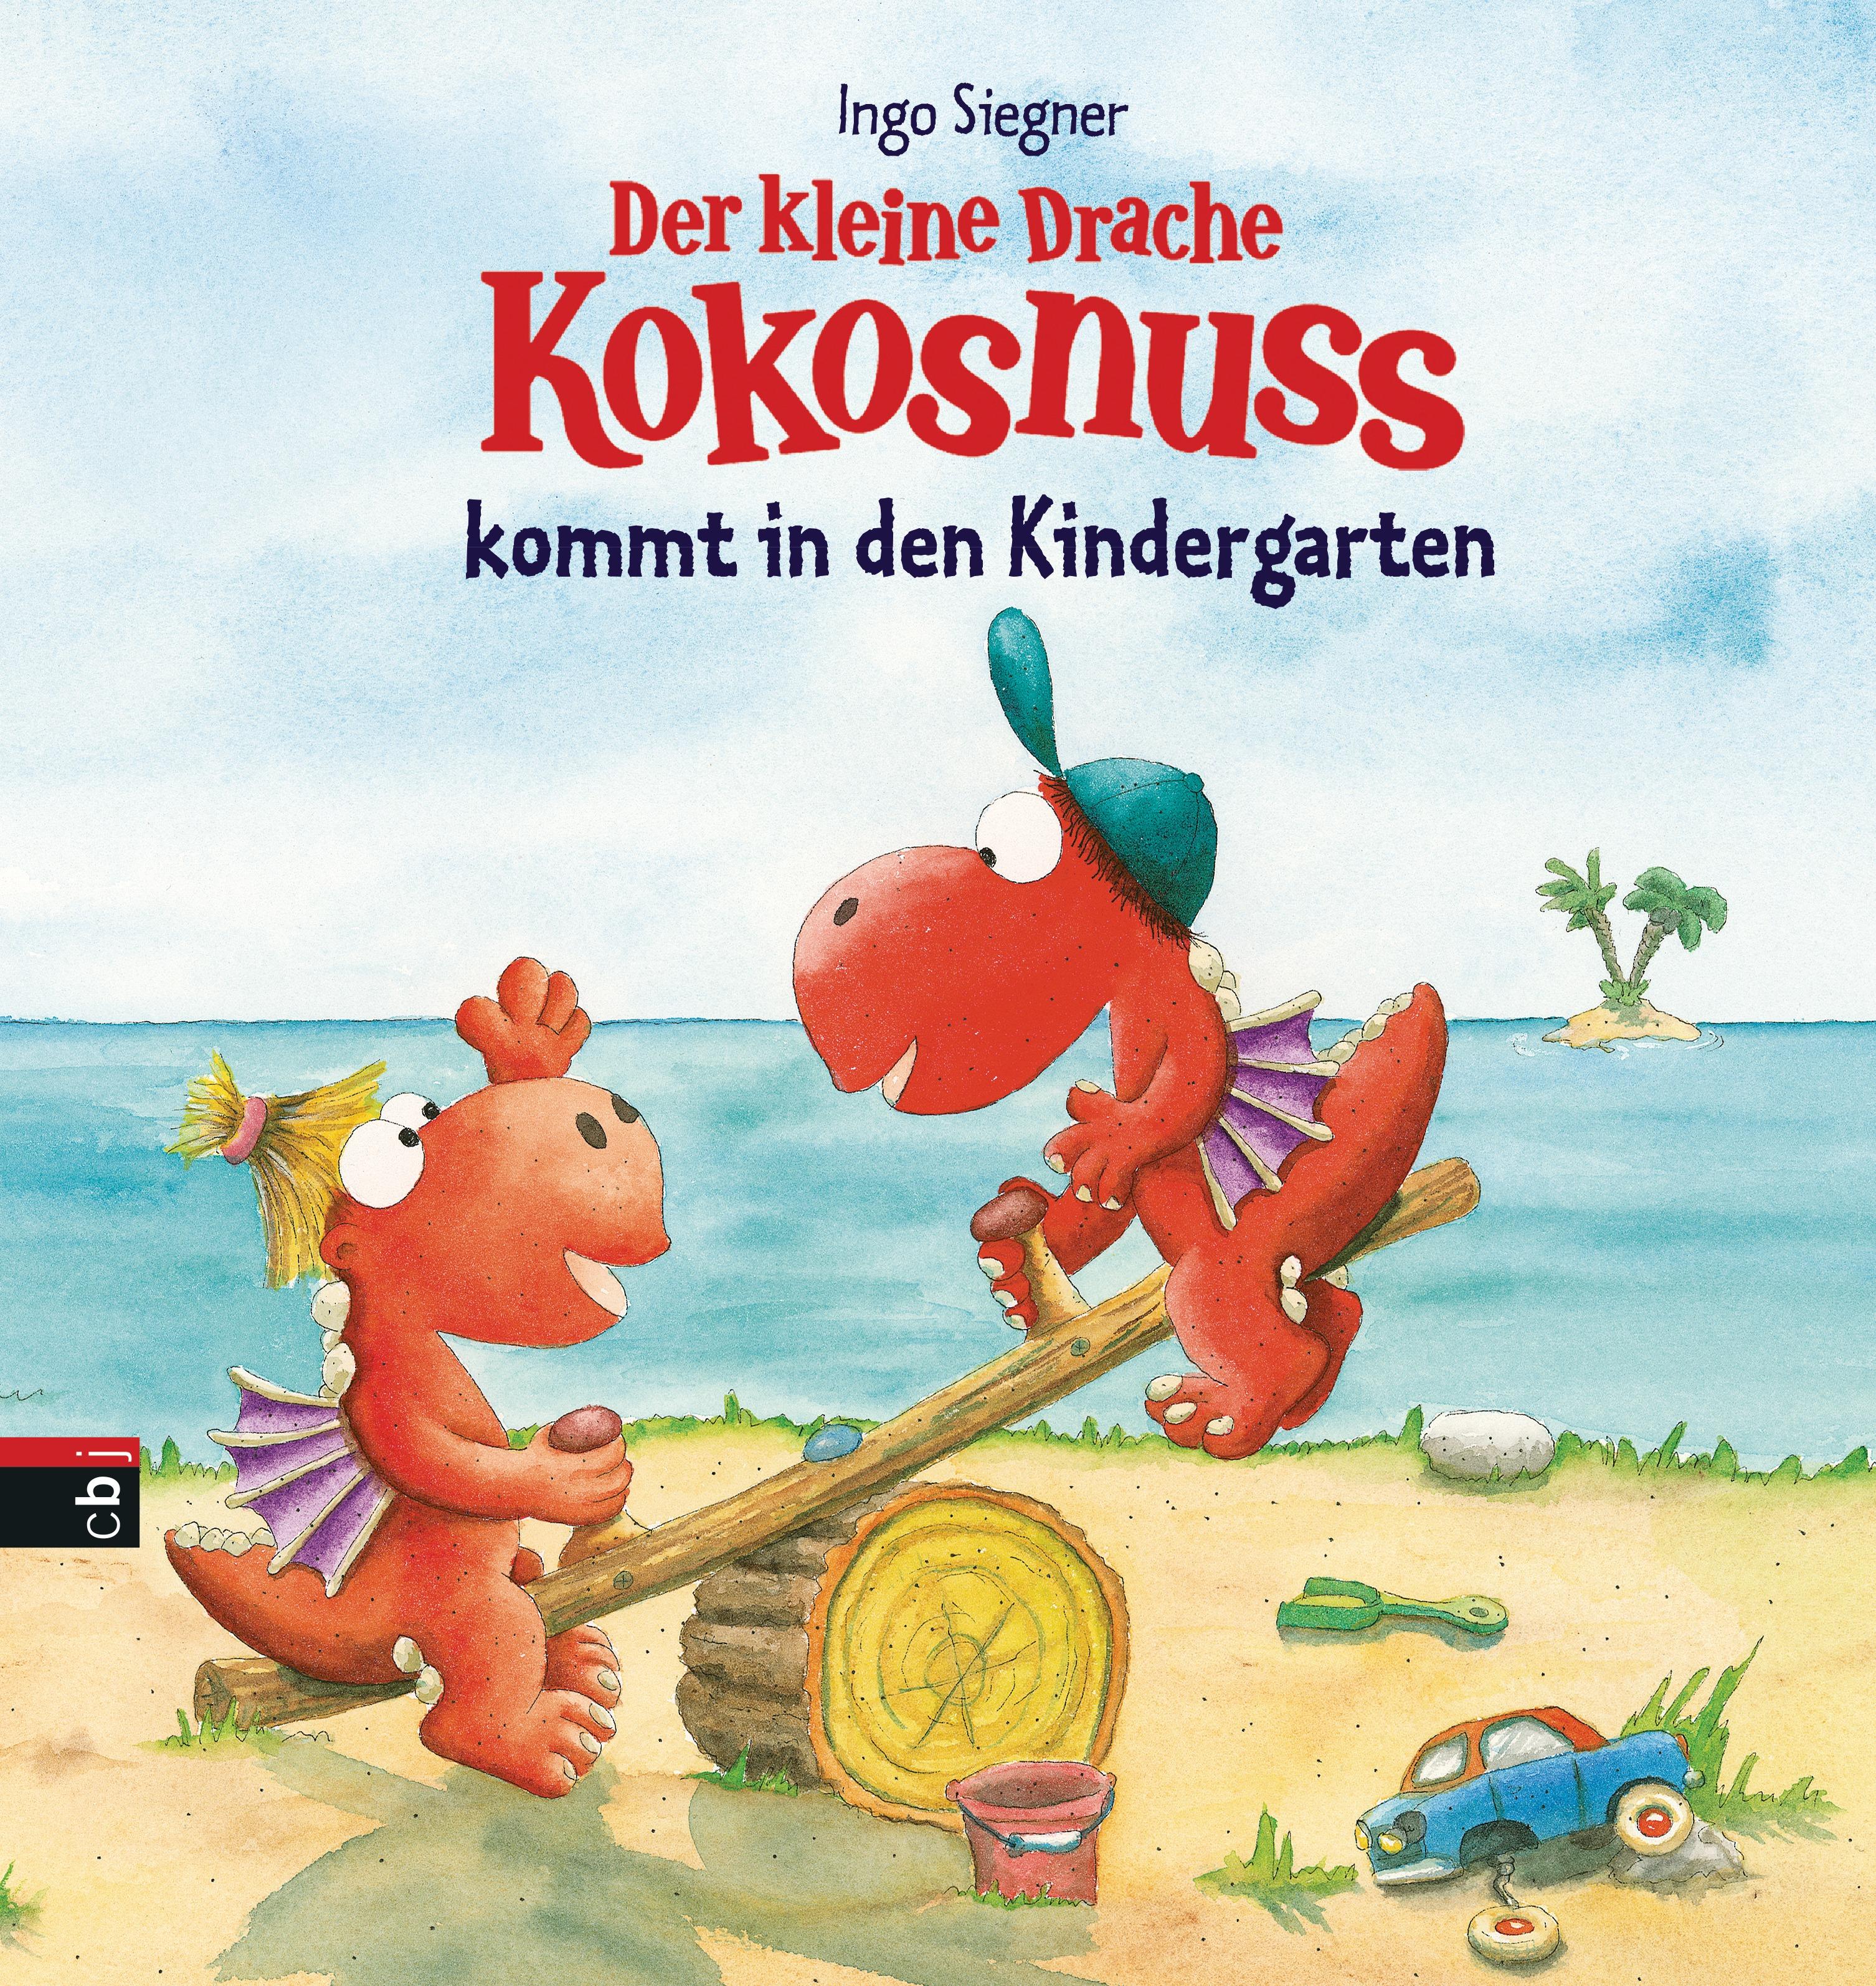 Der kleine Drache Kokosnuss: Folge 04 - ... kommt in den Kindergarten